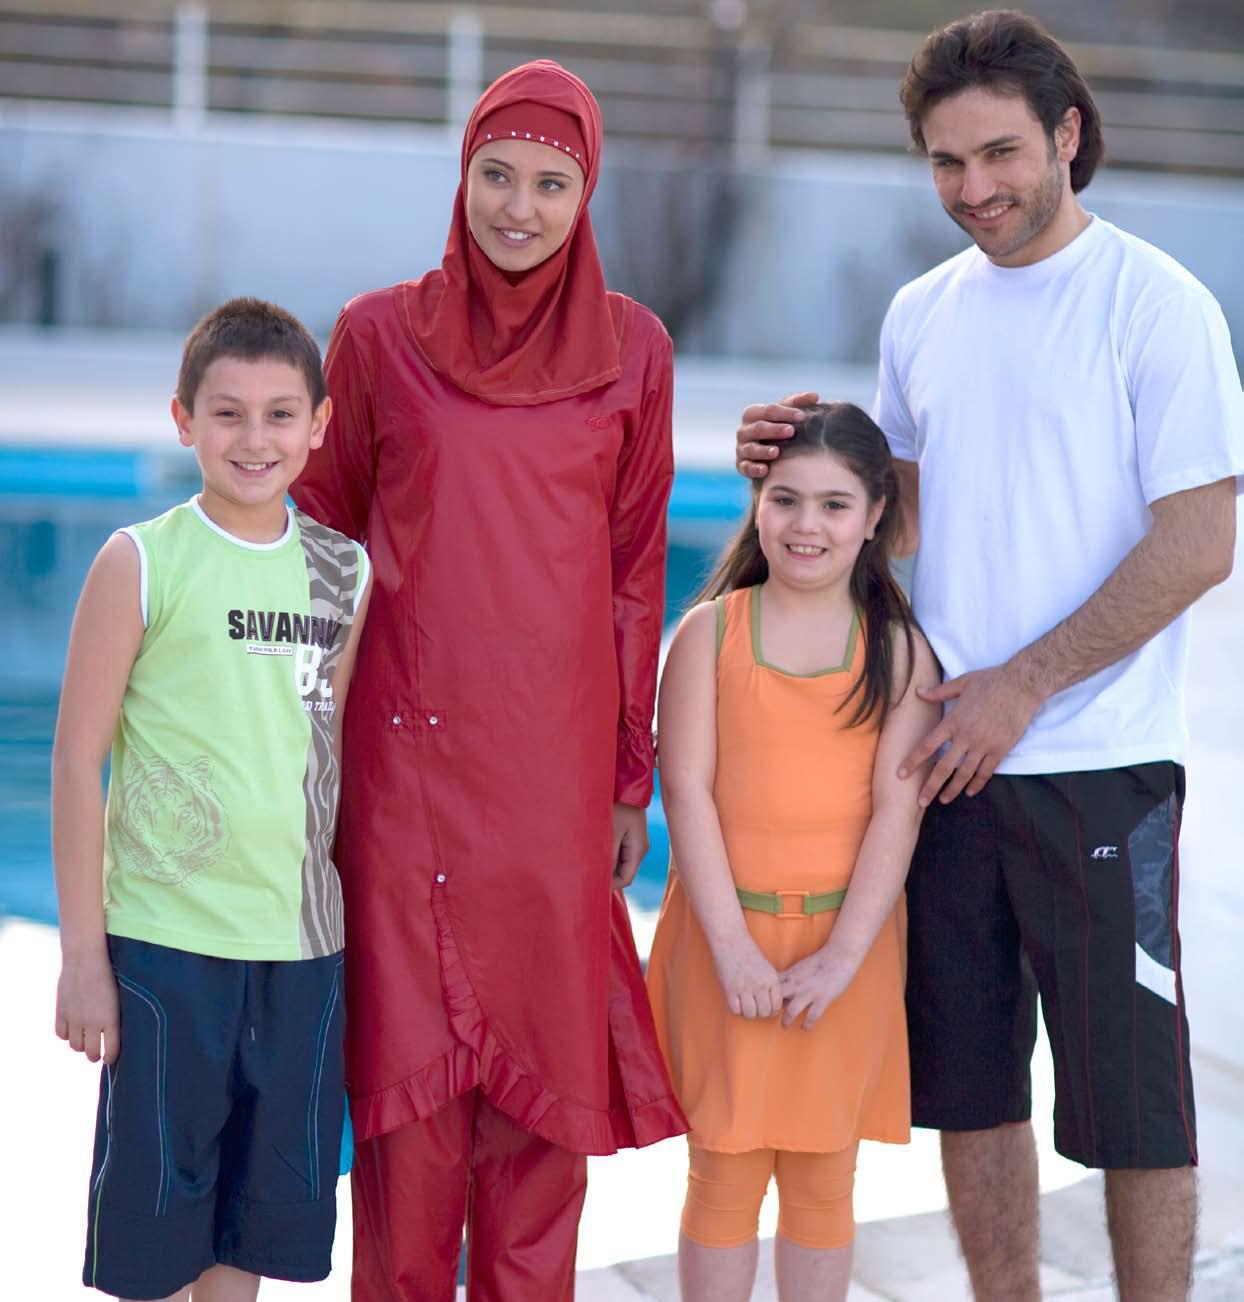 6. Potongan pakaian juga harus terkait dengan celana dari dalam, jadi tak akan terangkat saat perempuan berenang.